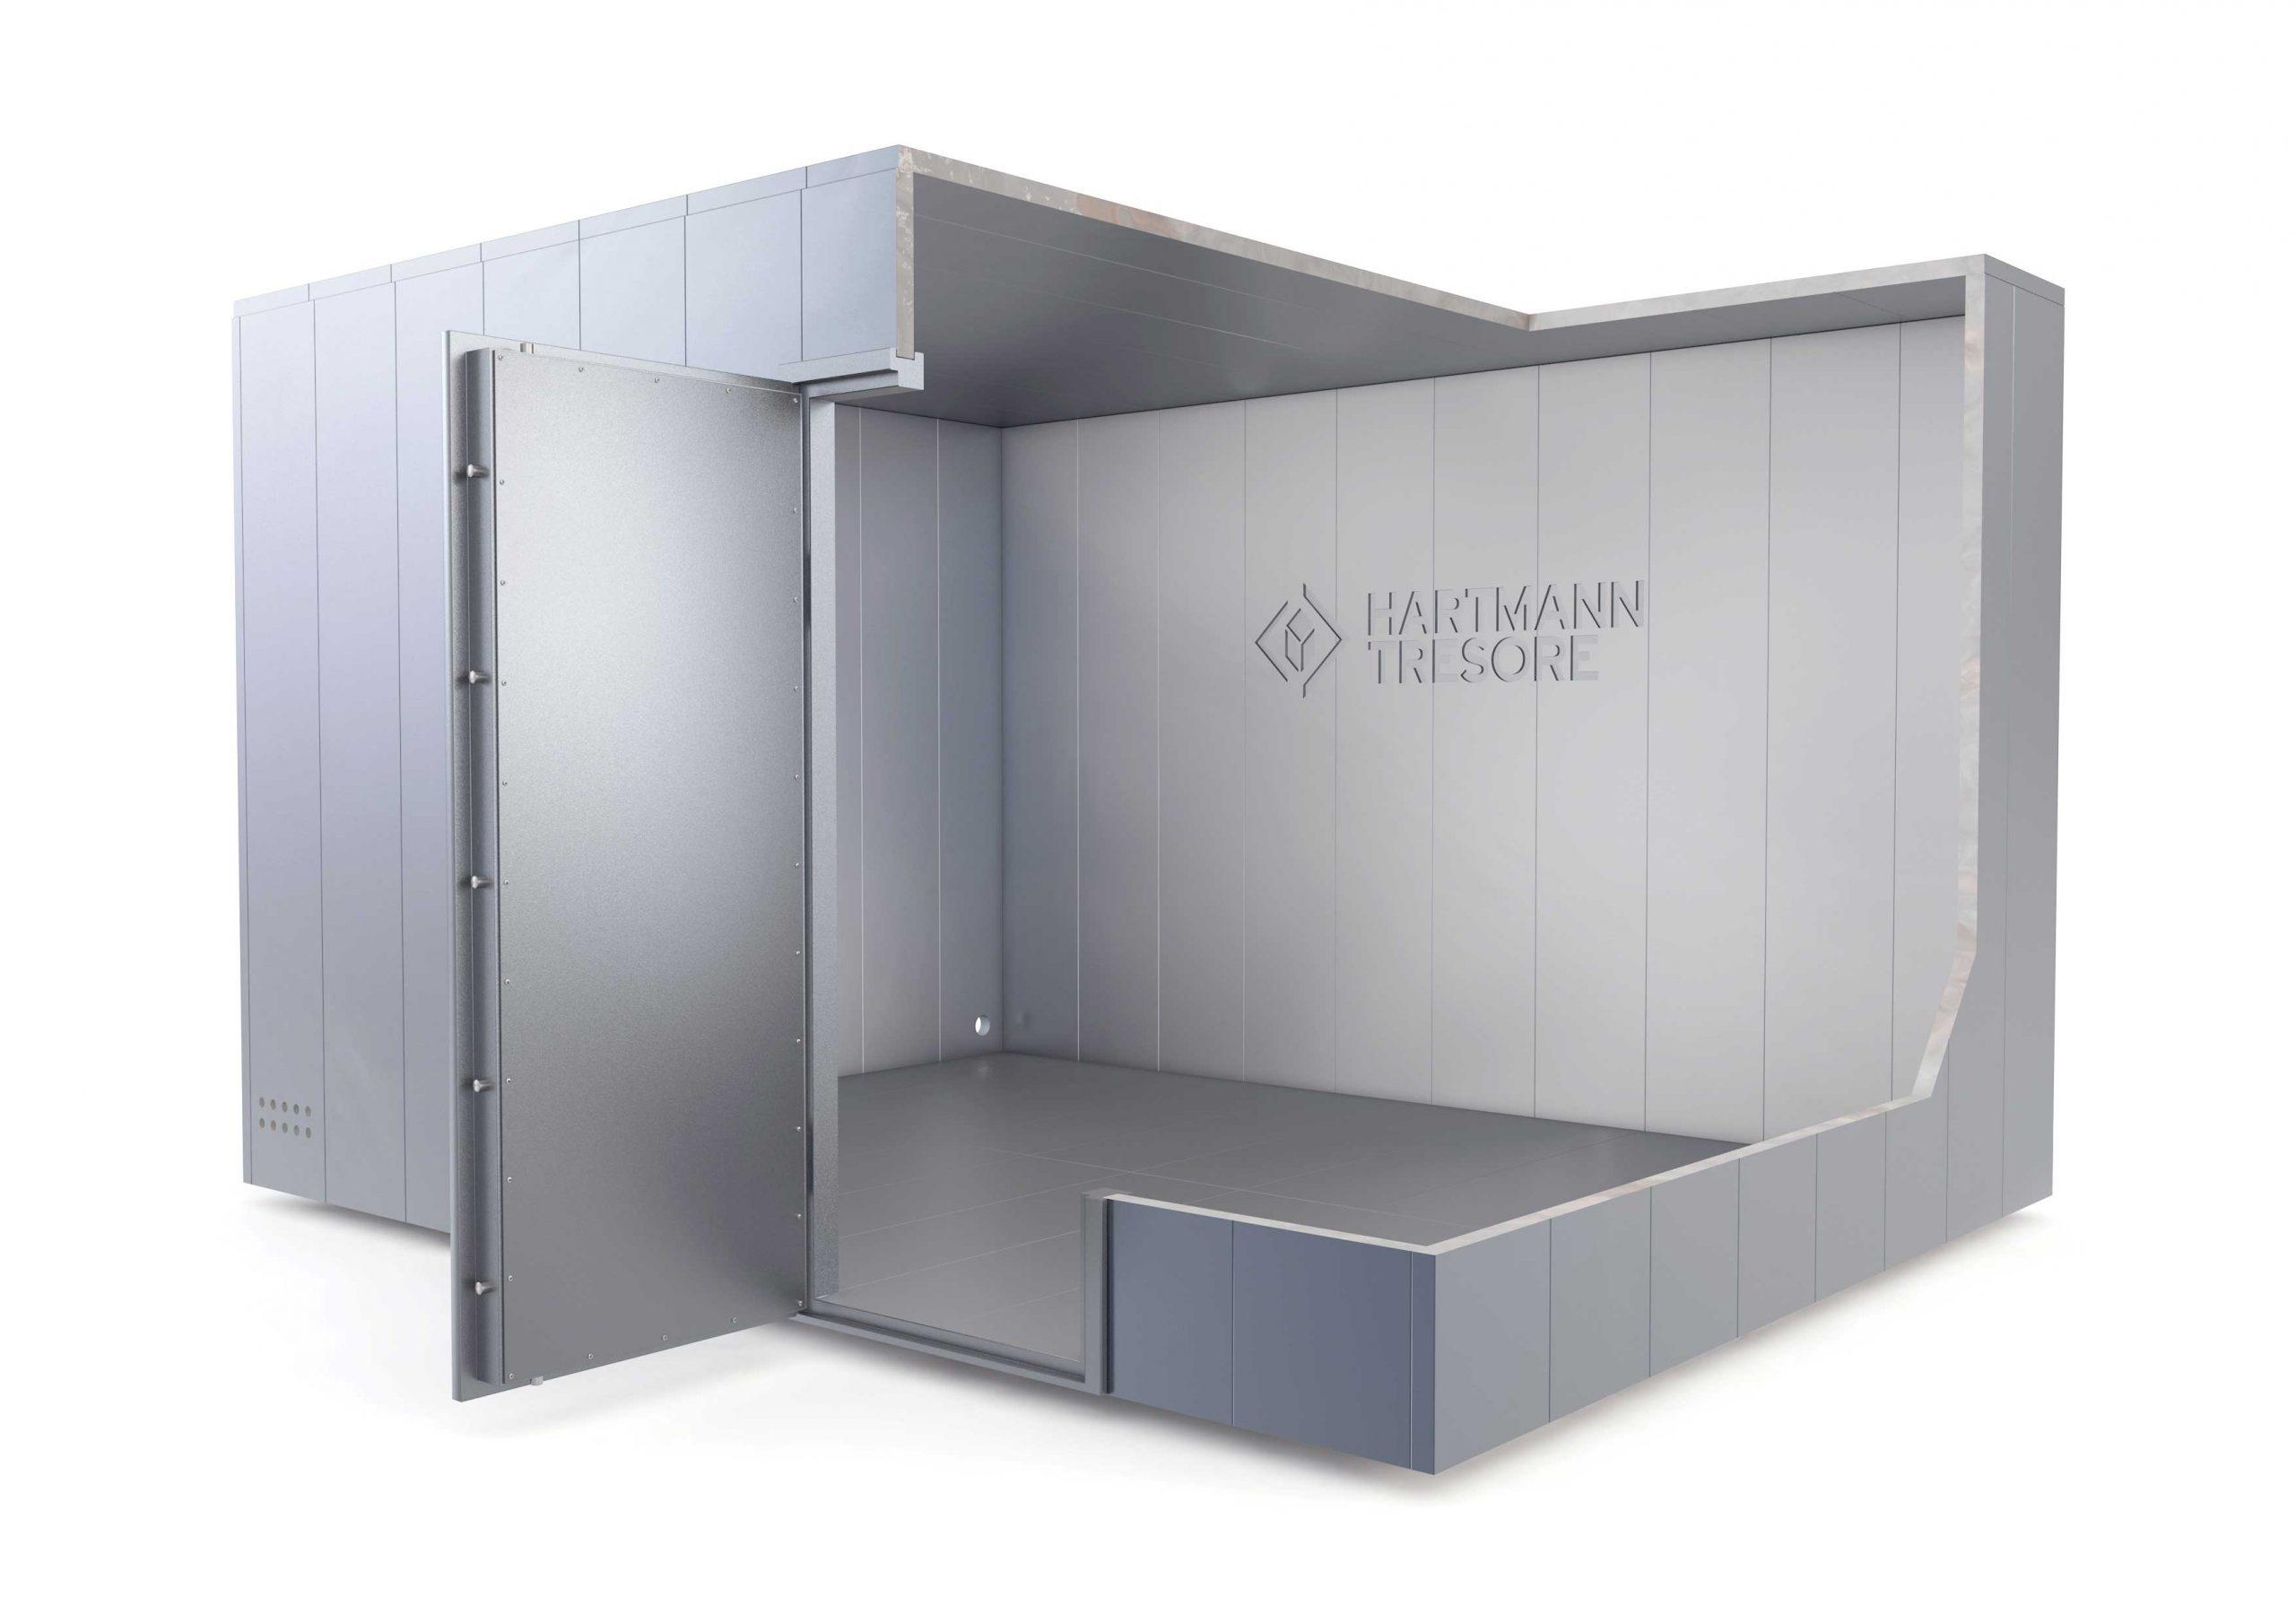 Chambre forte Hartmann Tresore